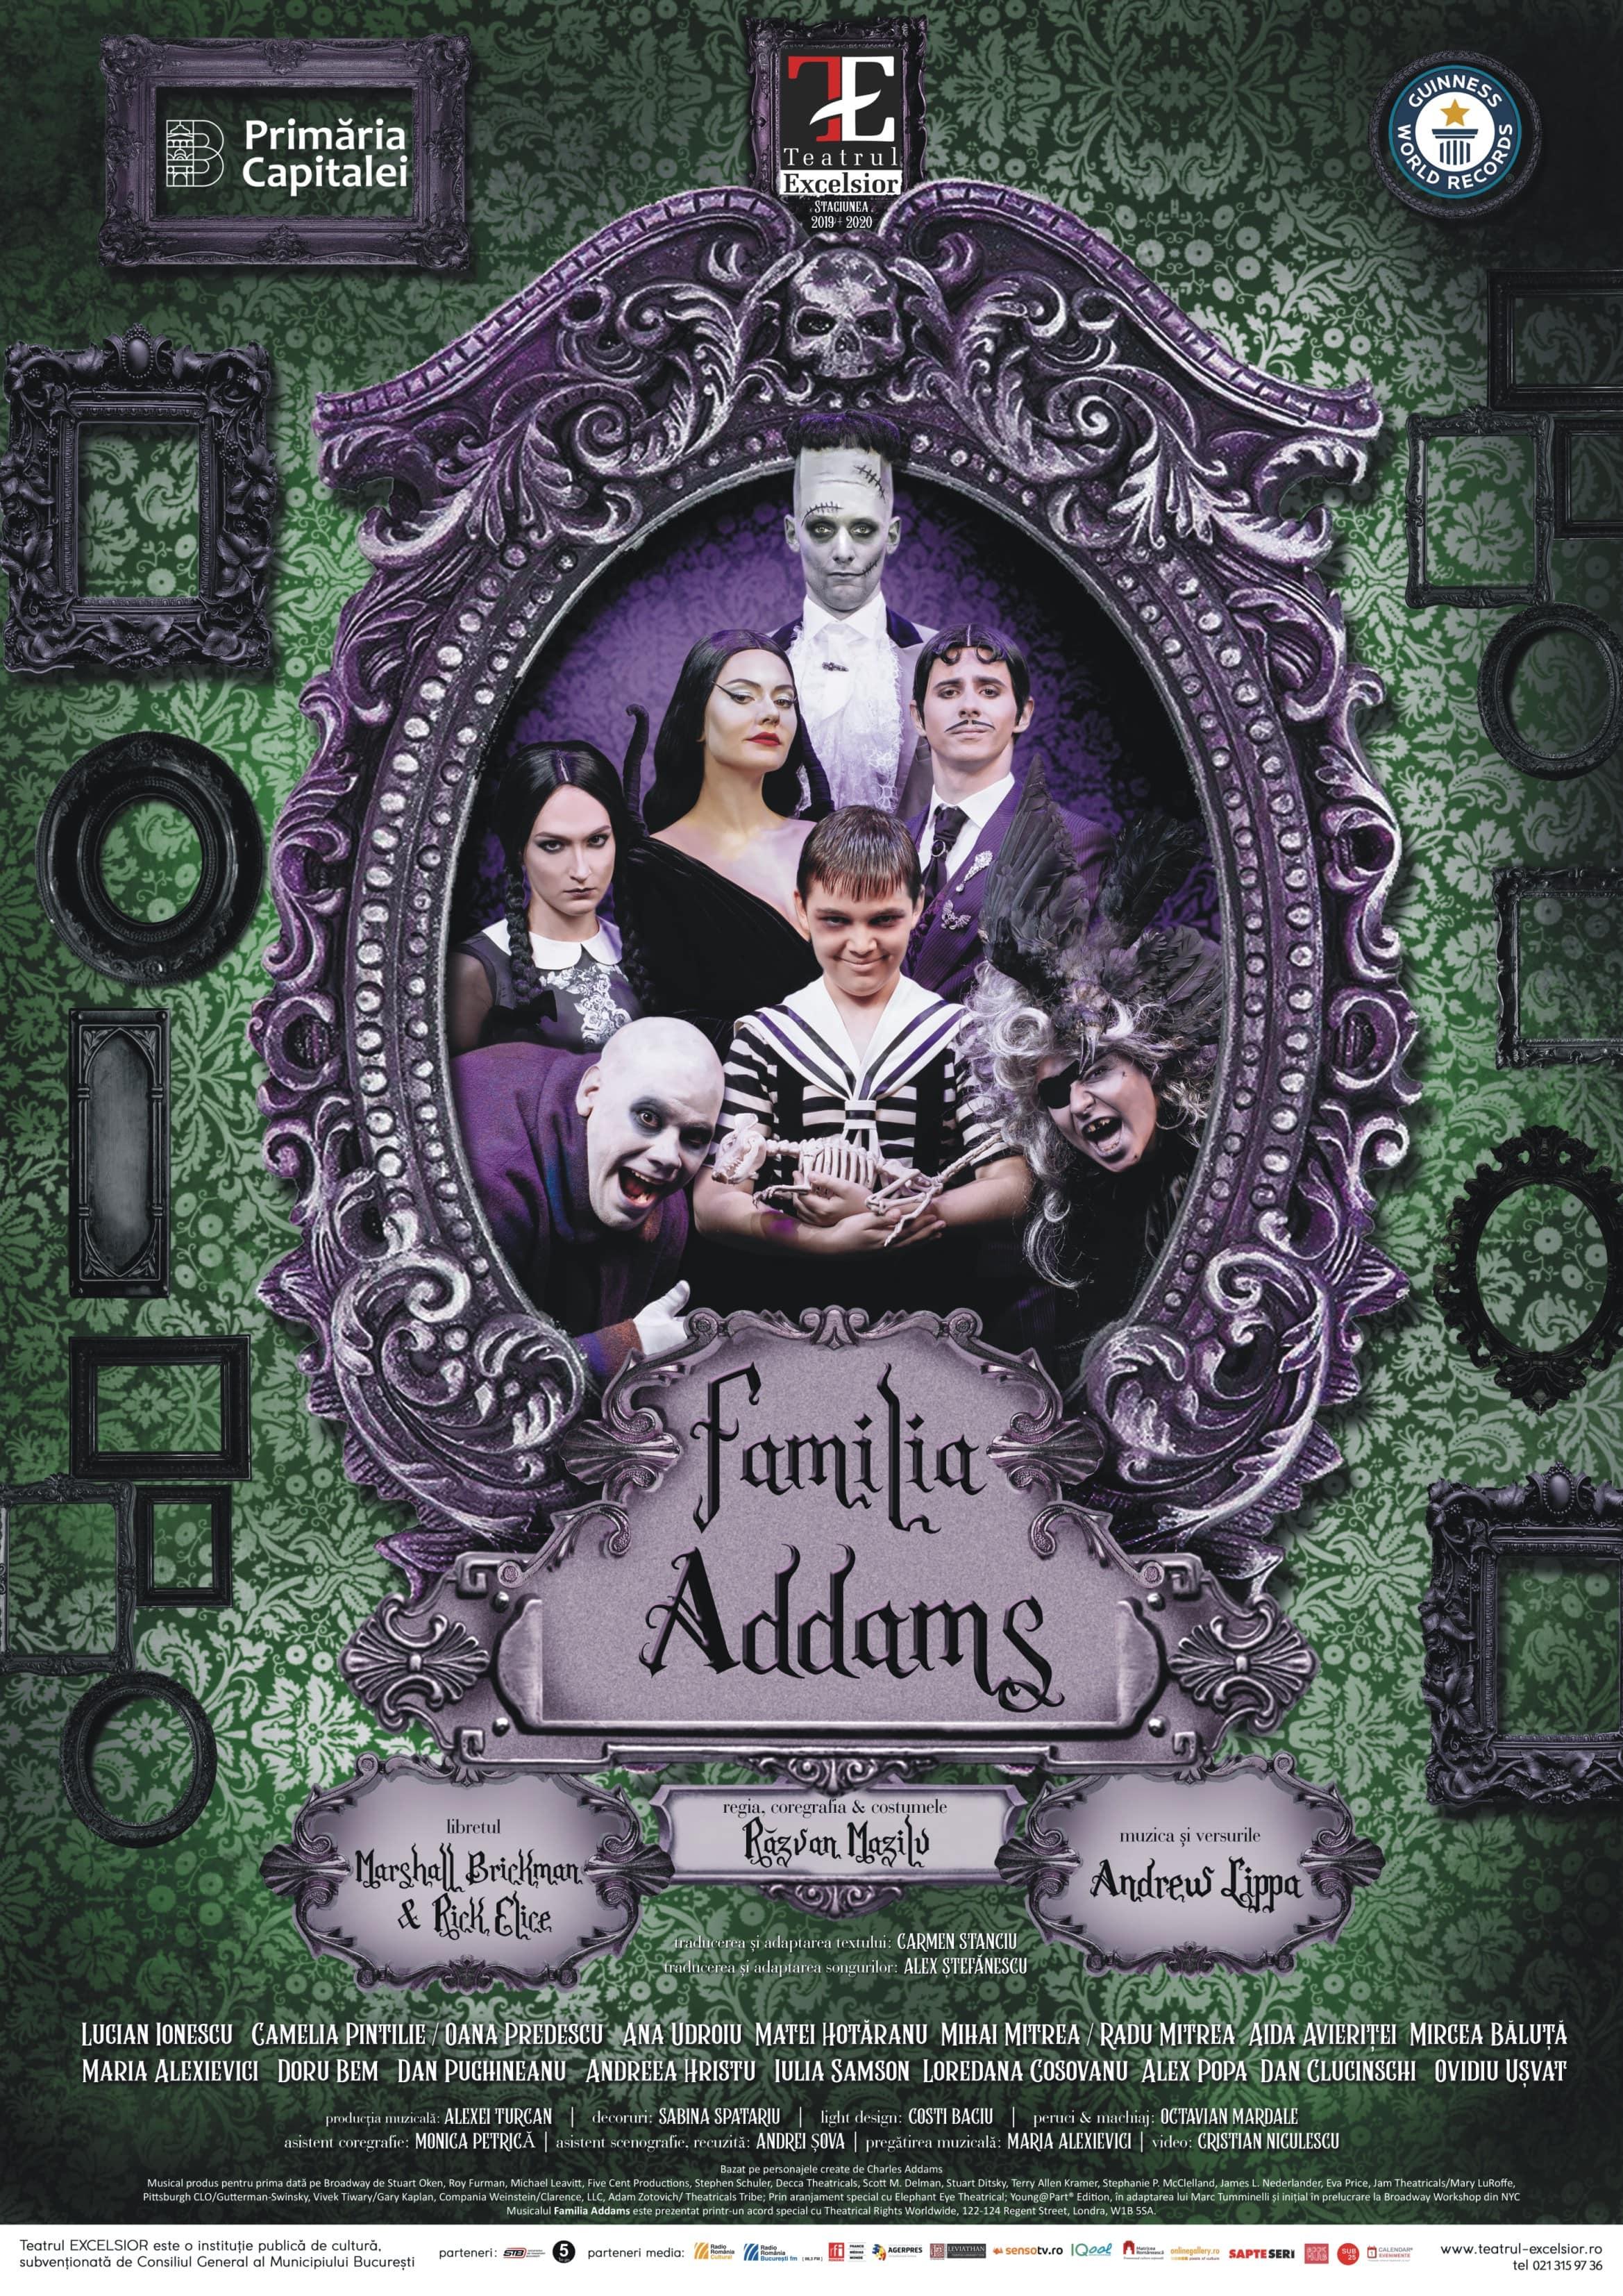 Spectacolul de musical FAMILIA ADDAMS ajunge la Pitești, pe 1 noiembrie